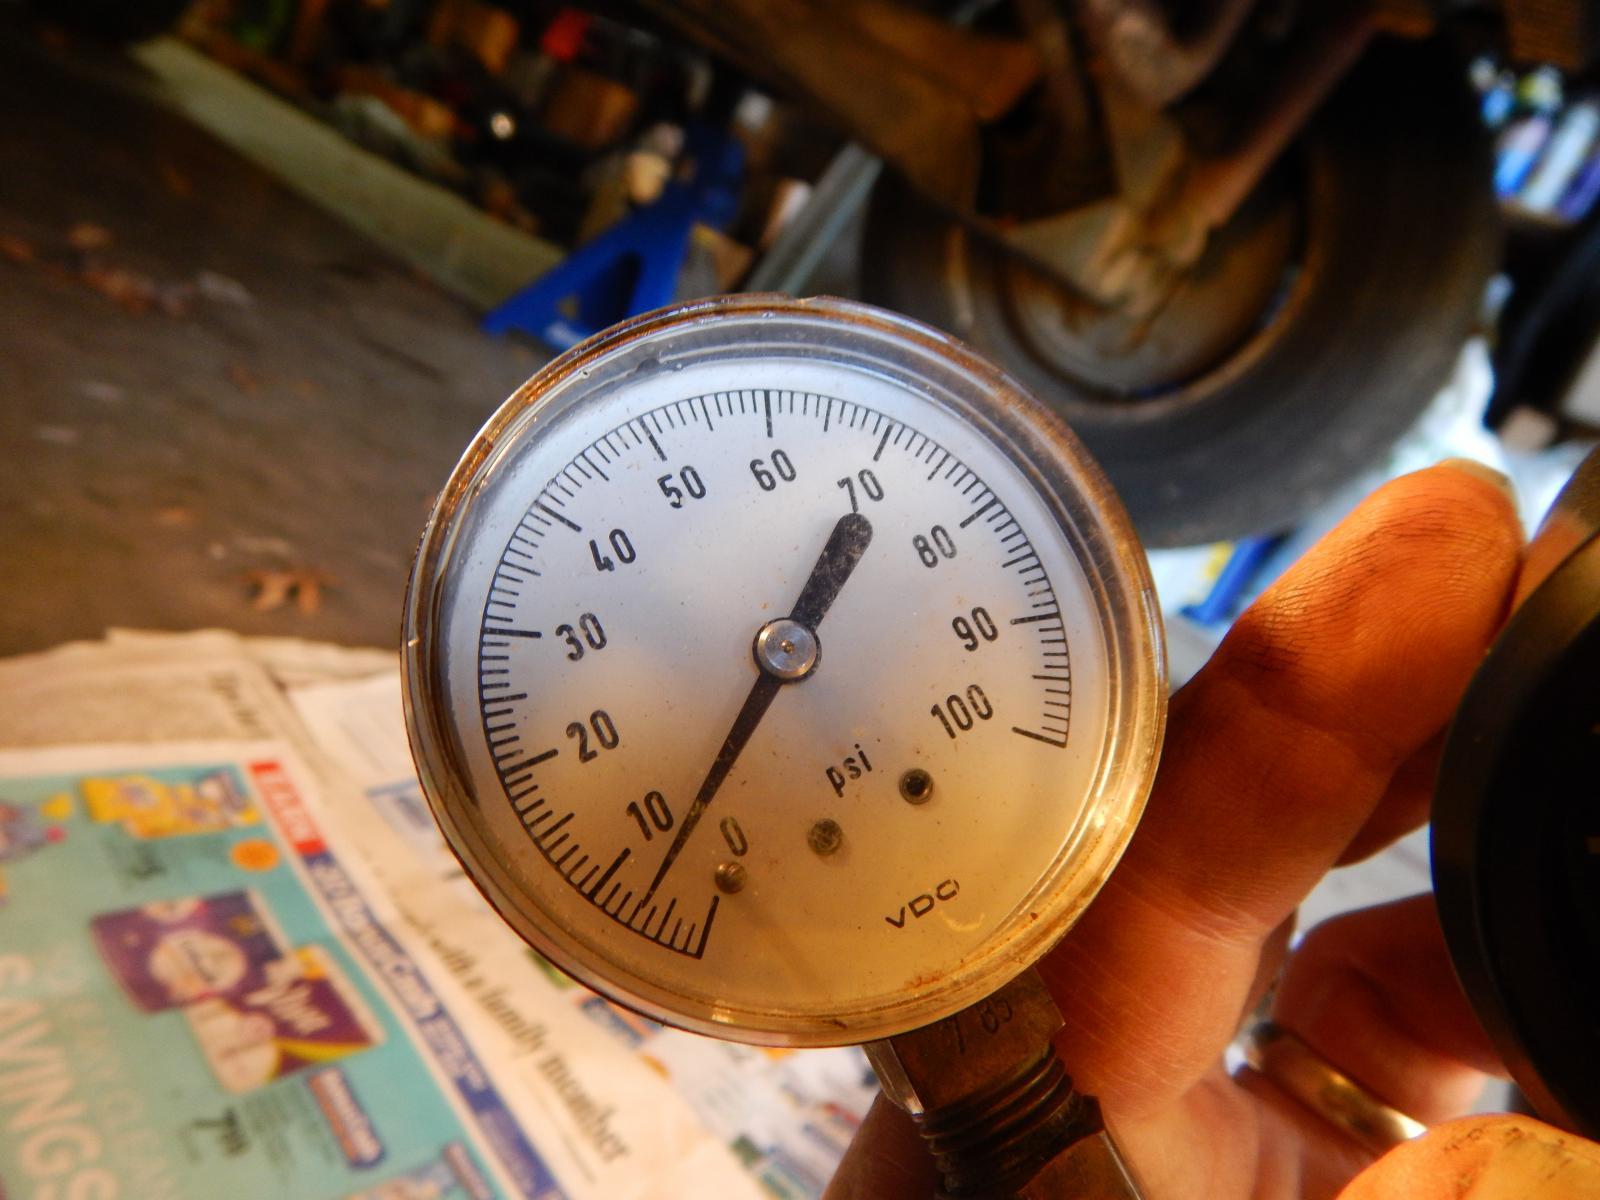 Oil pressure '89 2.1